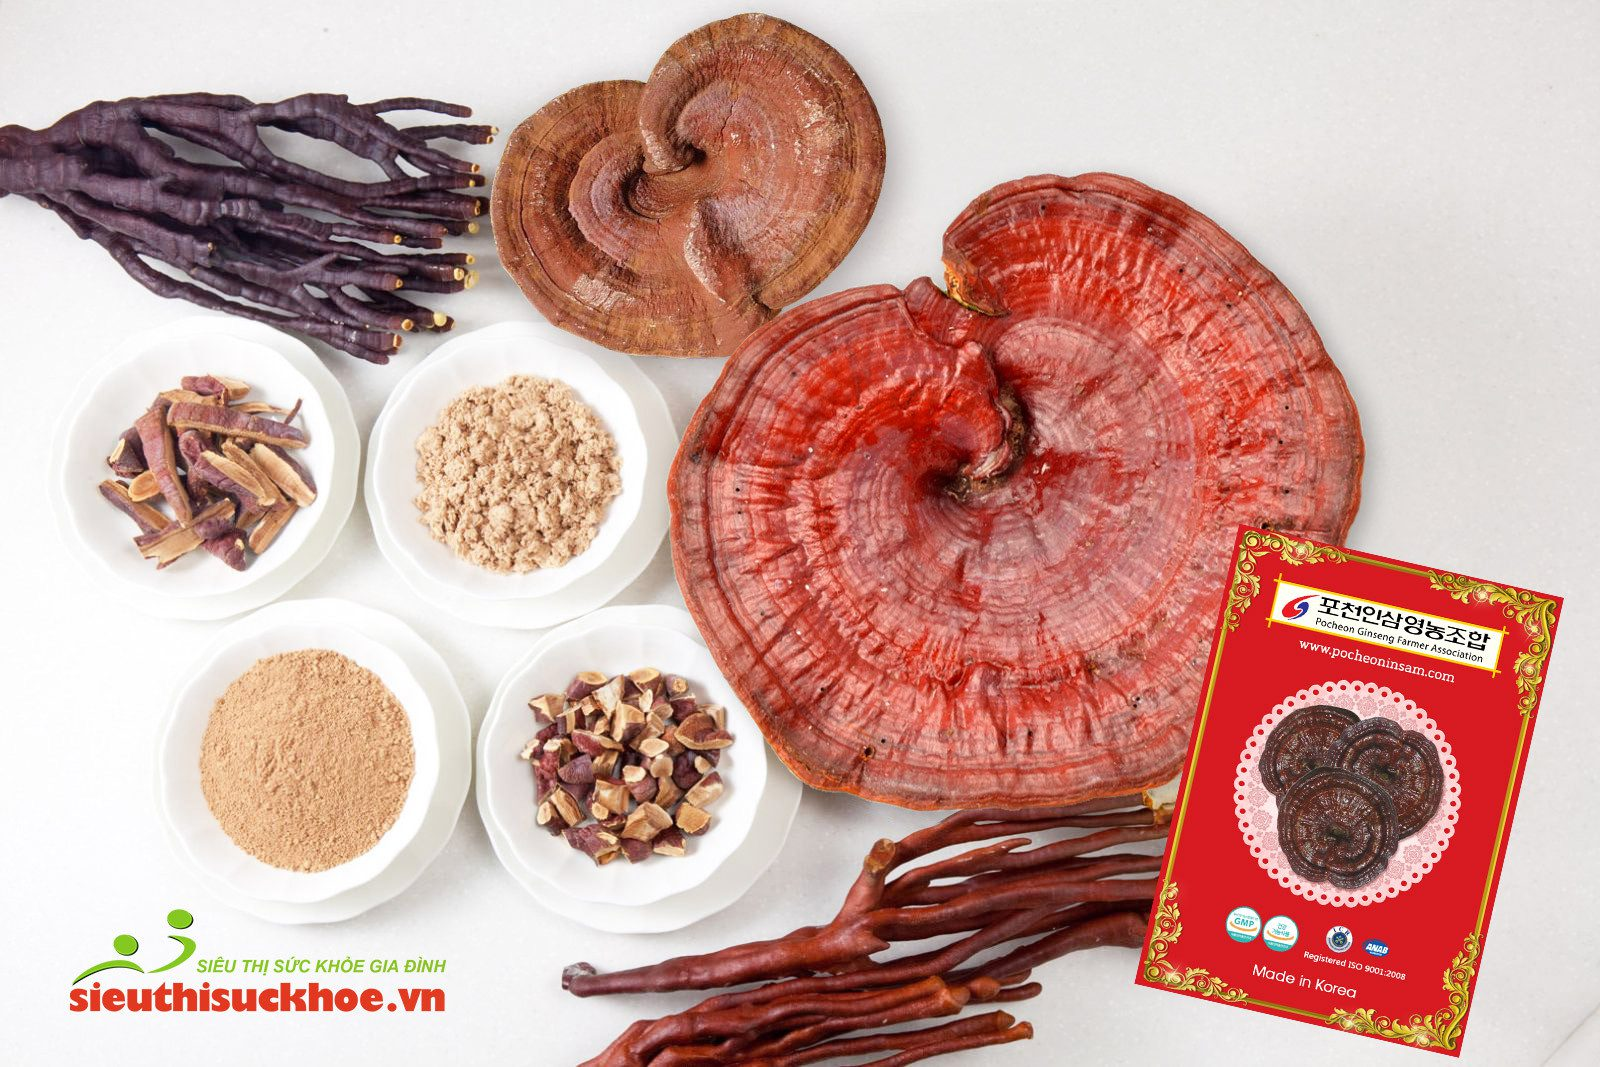 nên dùng nấm linh chi thế nào là tốt cho sức khỏe